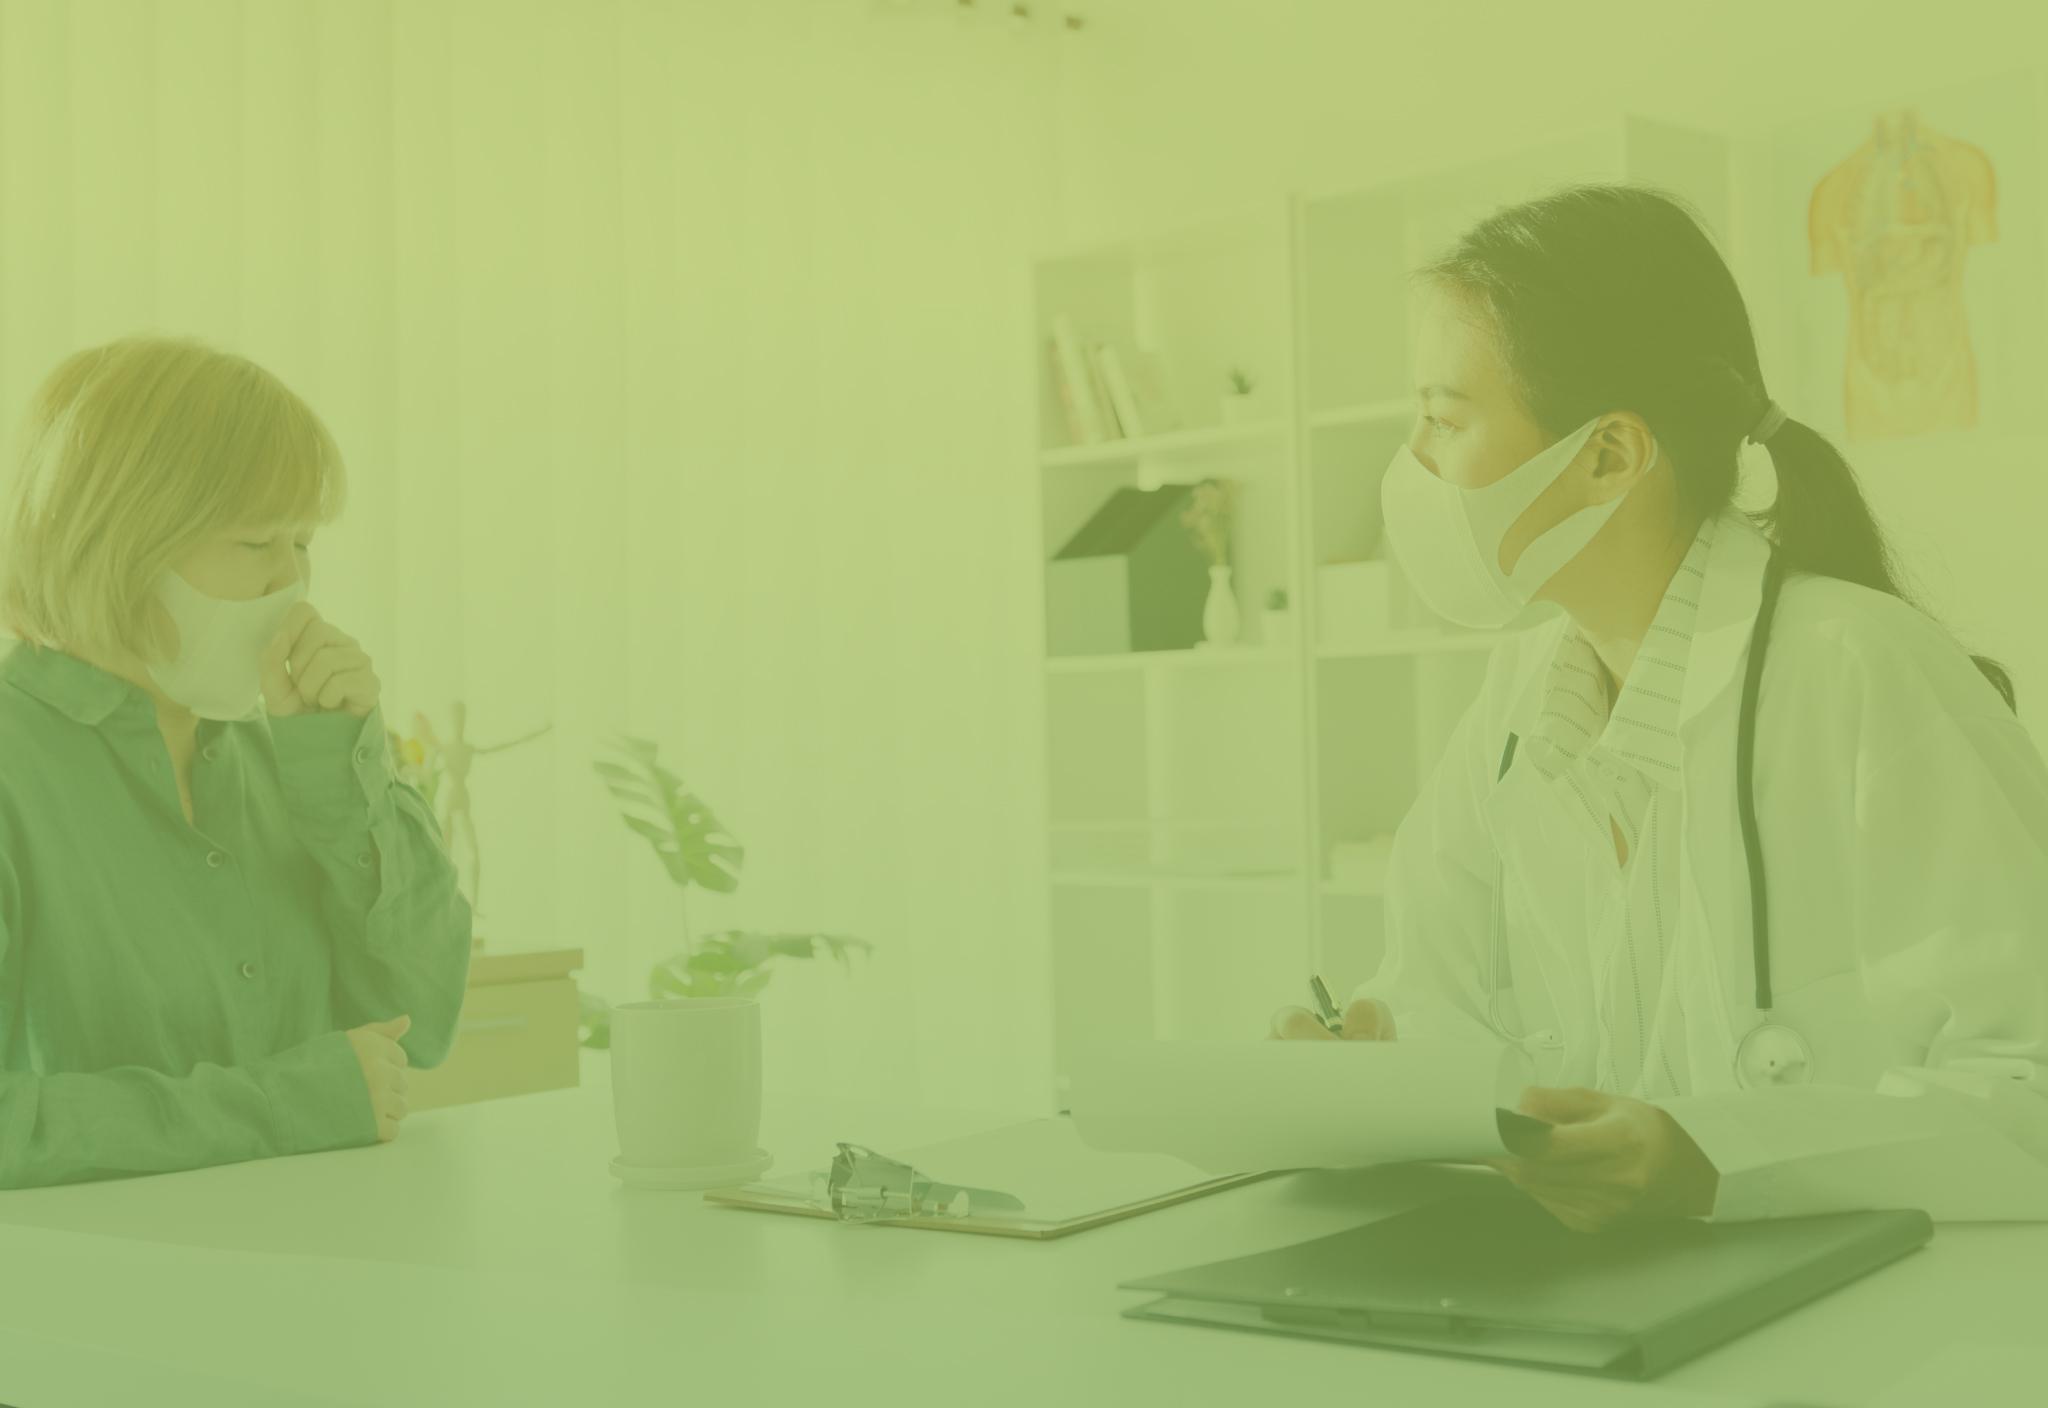 Atendimento médico na pandemia: quais cuidados a clínica e o paciente precisam ter?